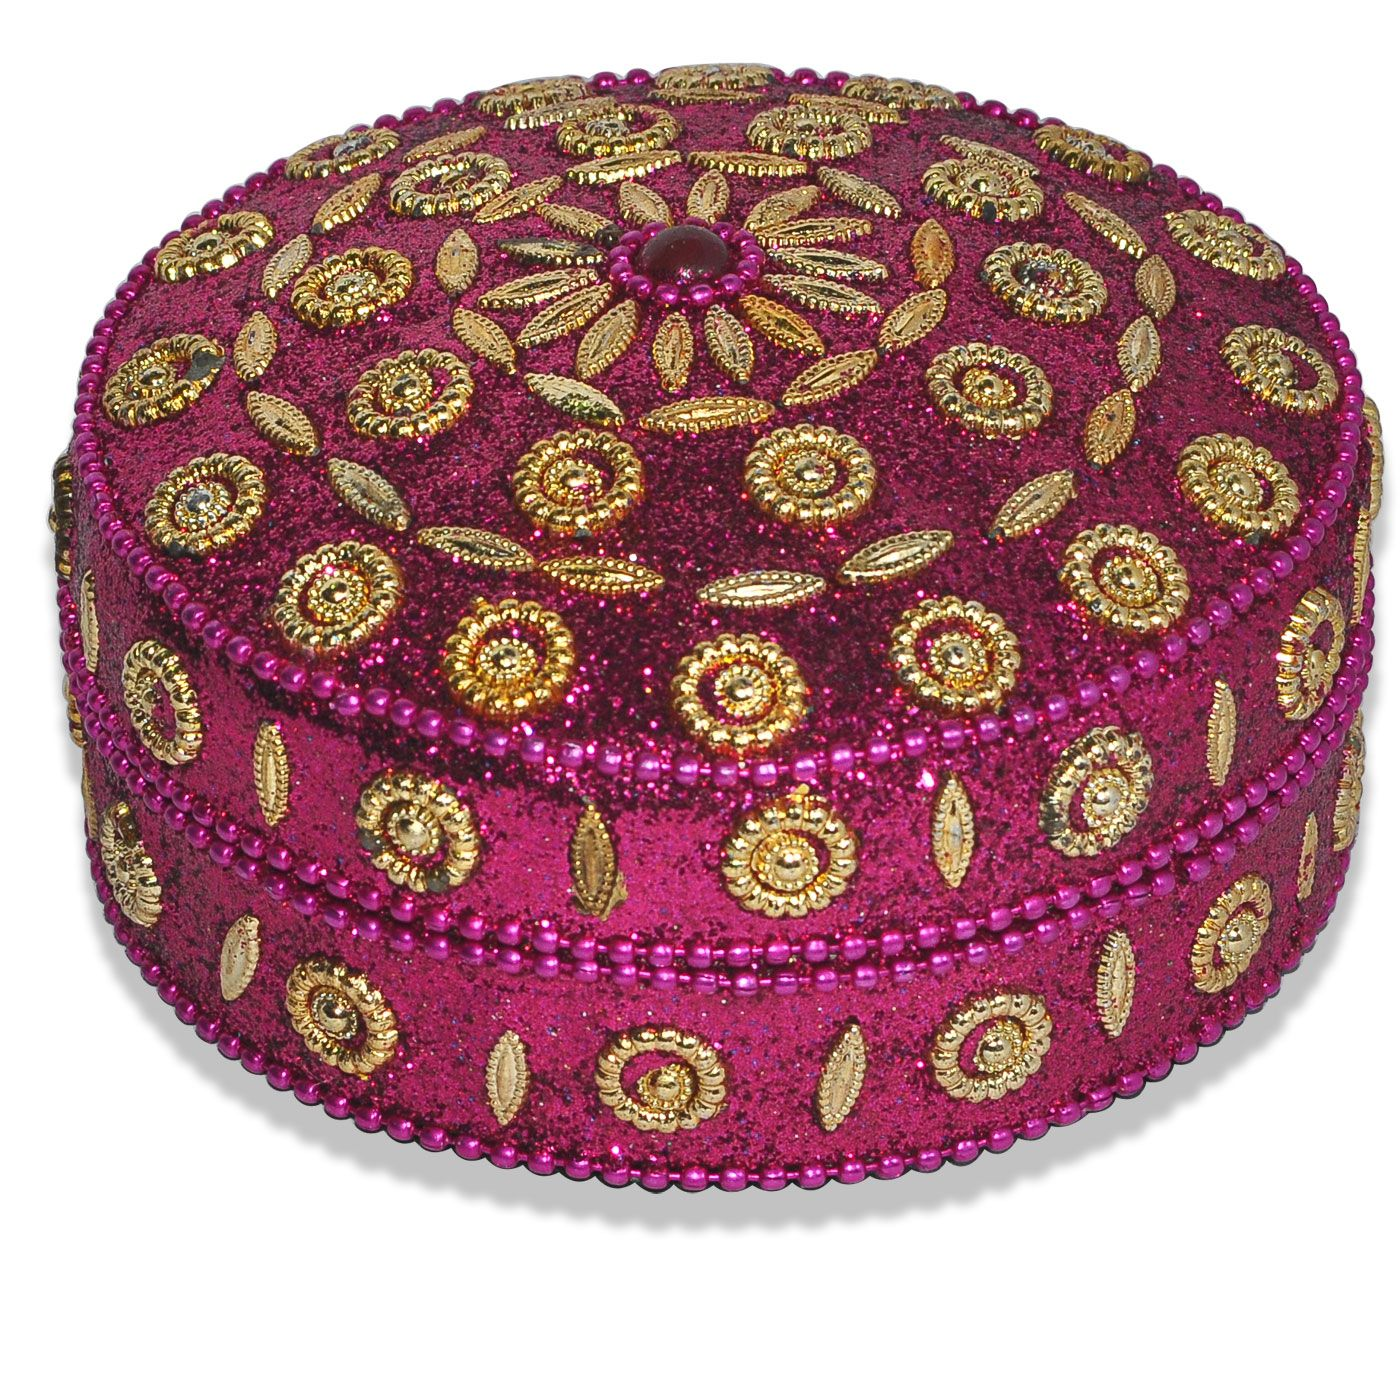 Decorative Round Boxes India Online Dakshcraft Wooden Jewelry Boxes Decorative Round